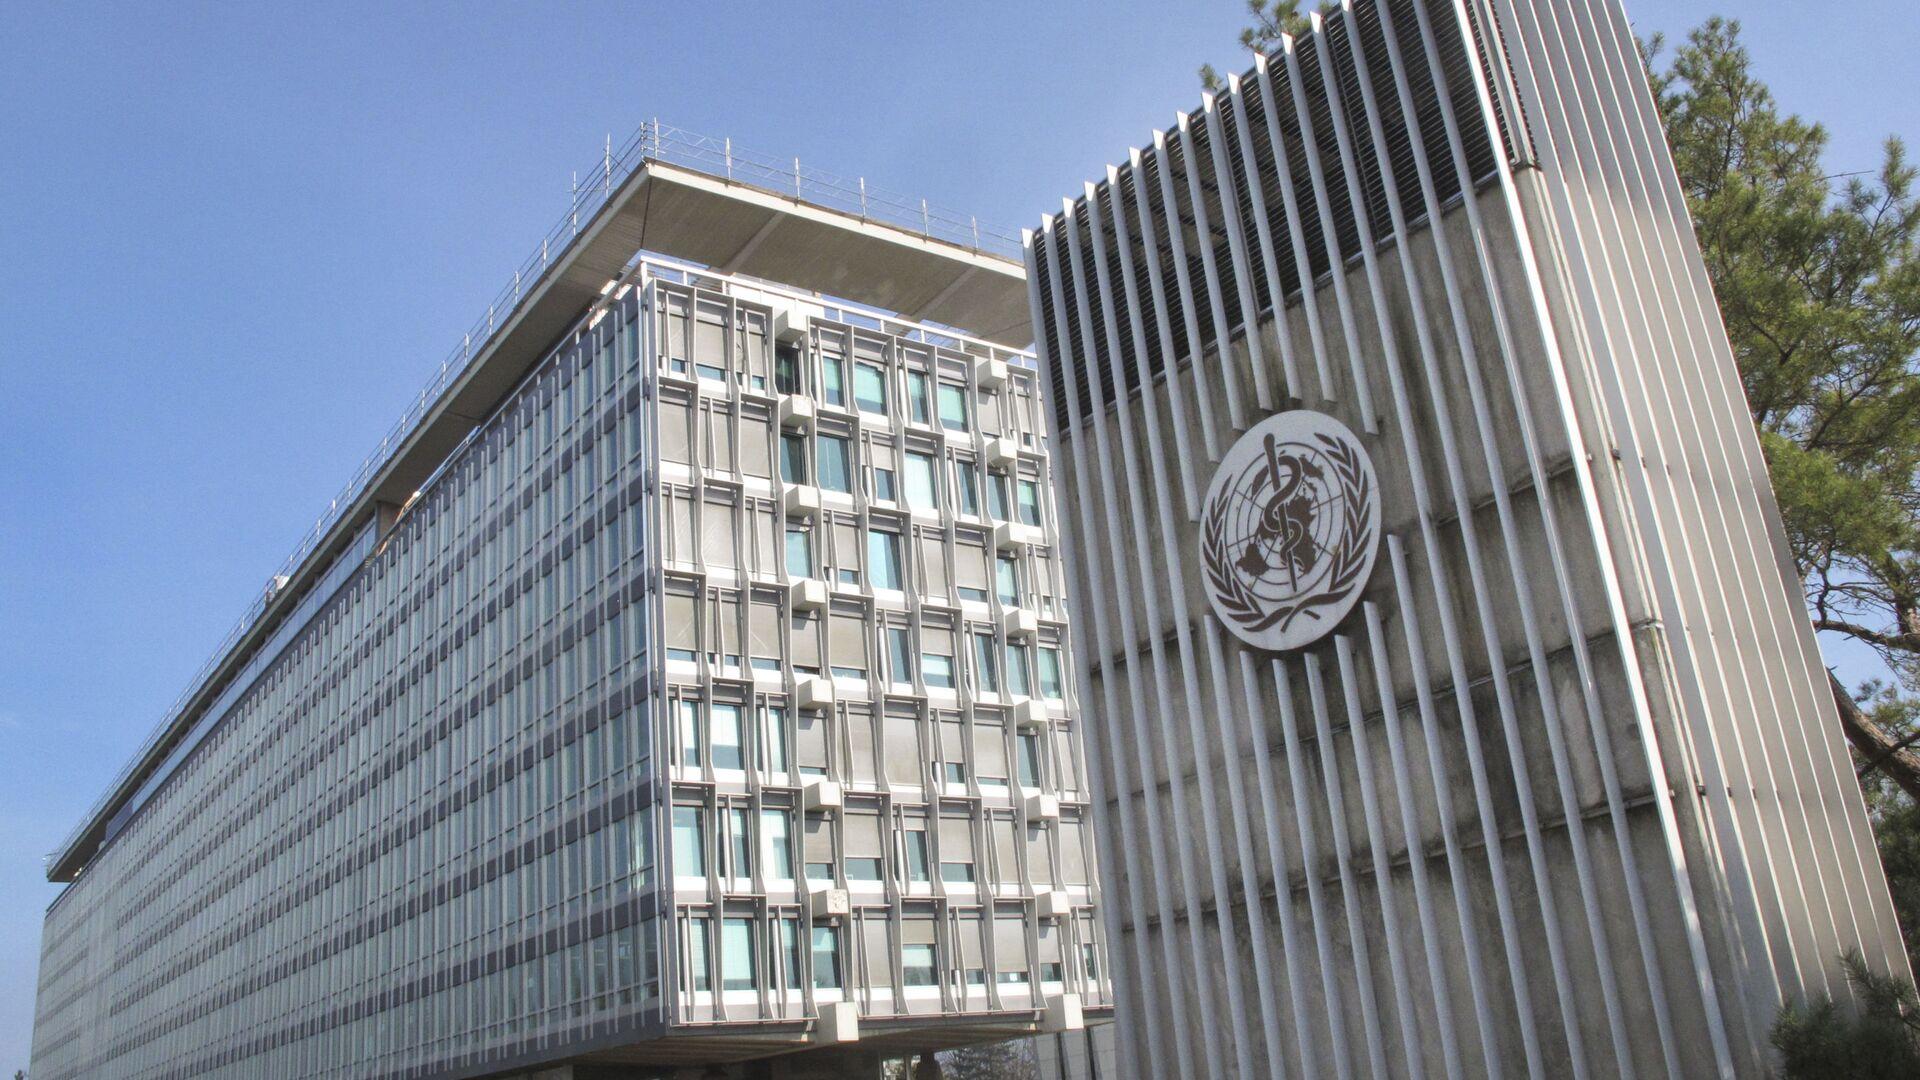 il quartier generale dell'OMS a Ginevra - Sputnik Italia, 1920, 01.05.2021